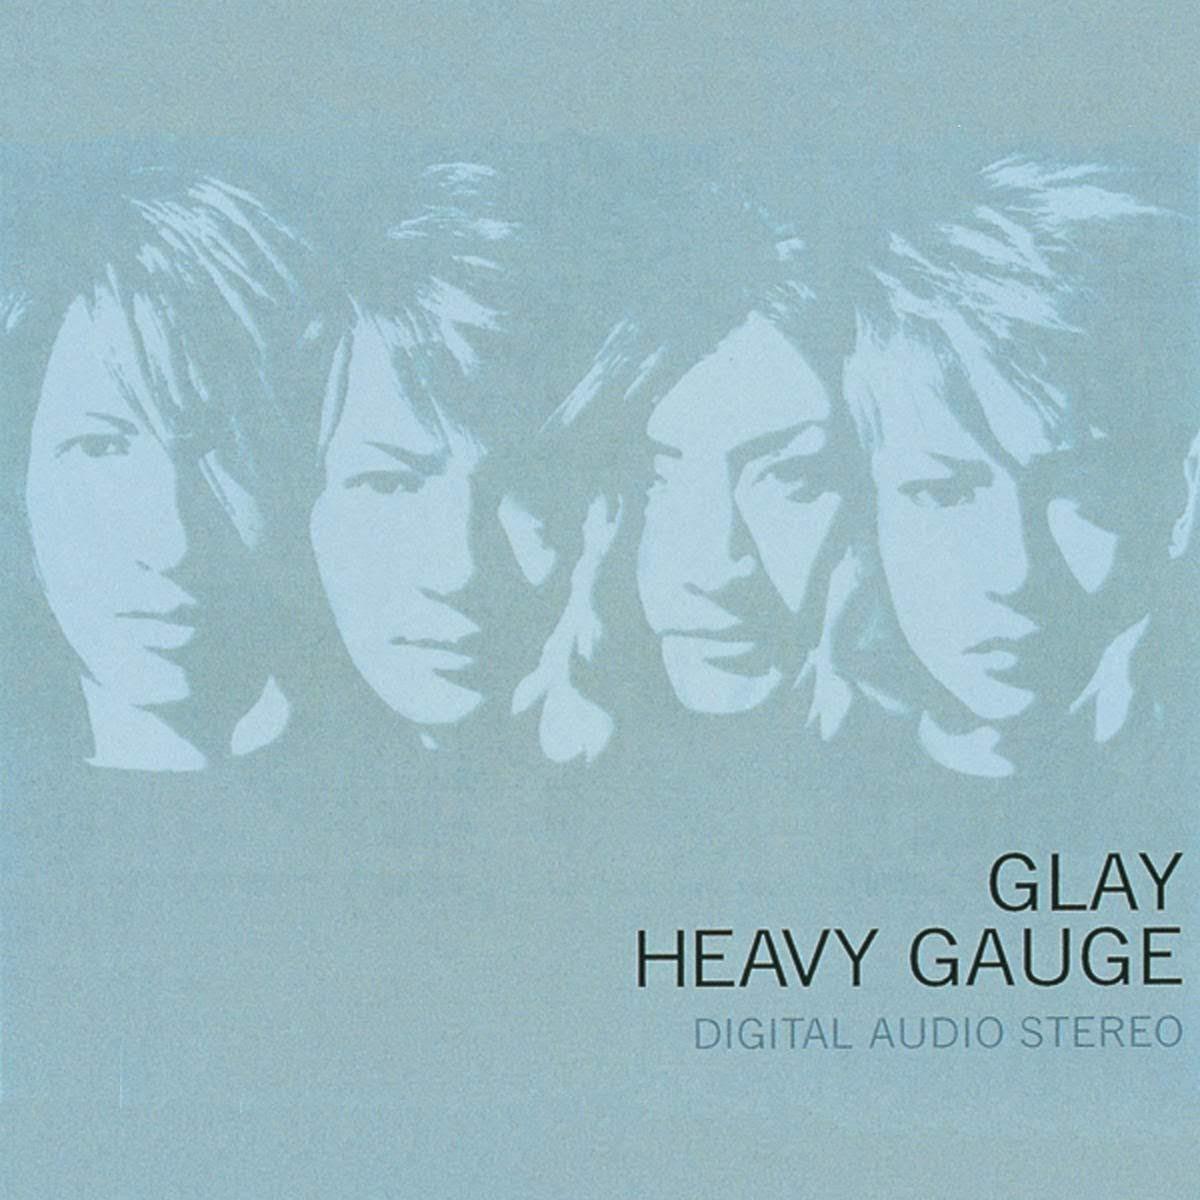 """Capa do álbum """"HEAVY GAUGE""""."""